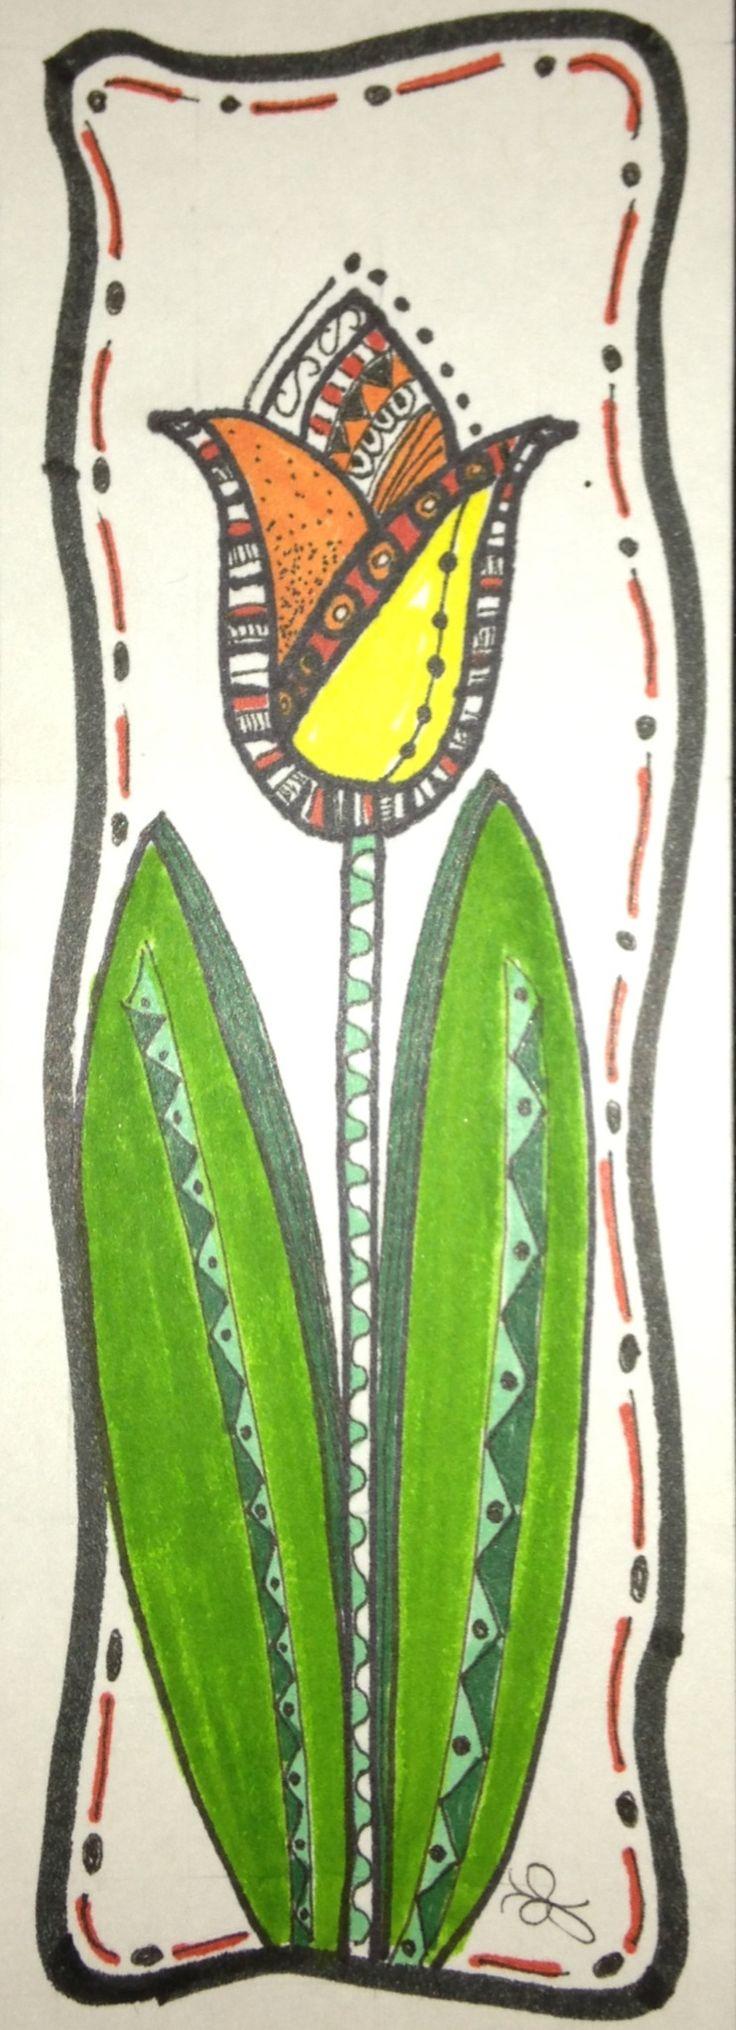 My Zen Tangle / Doodle Art